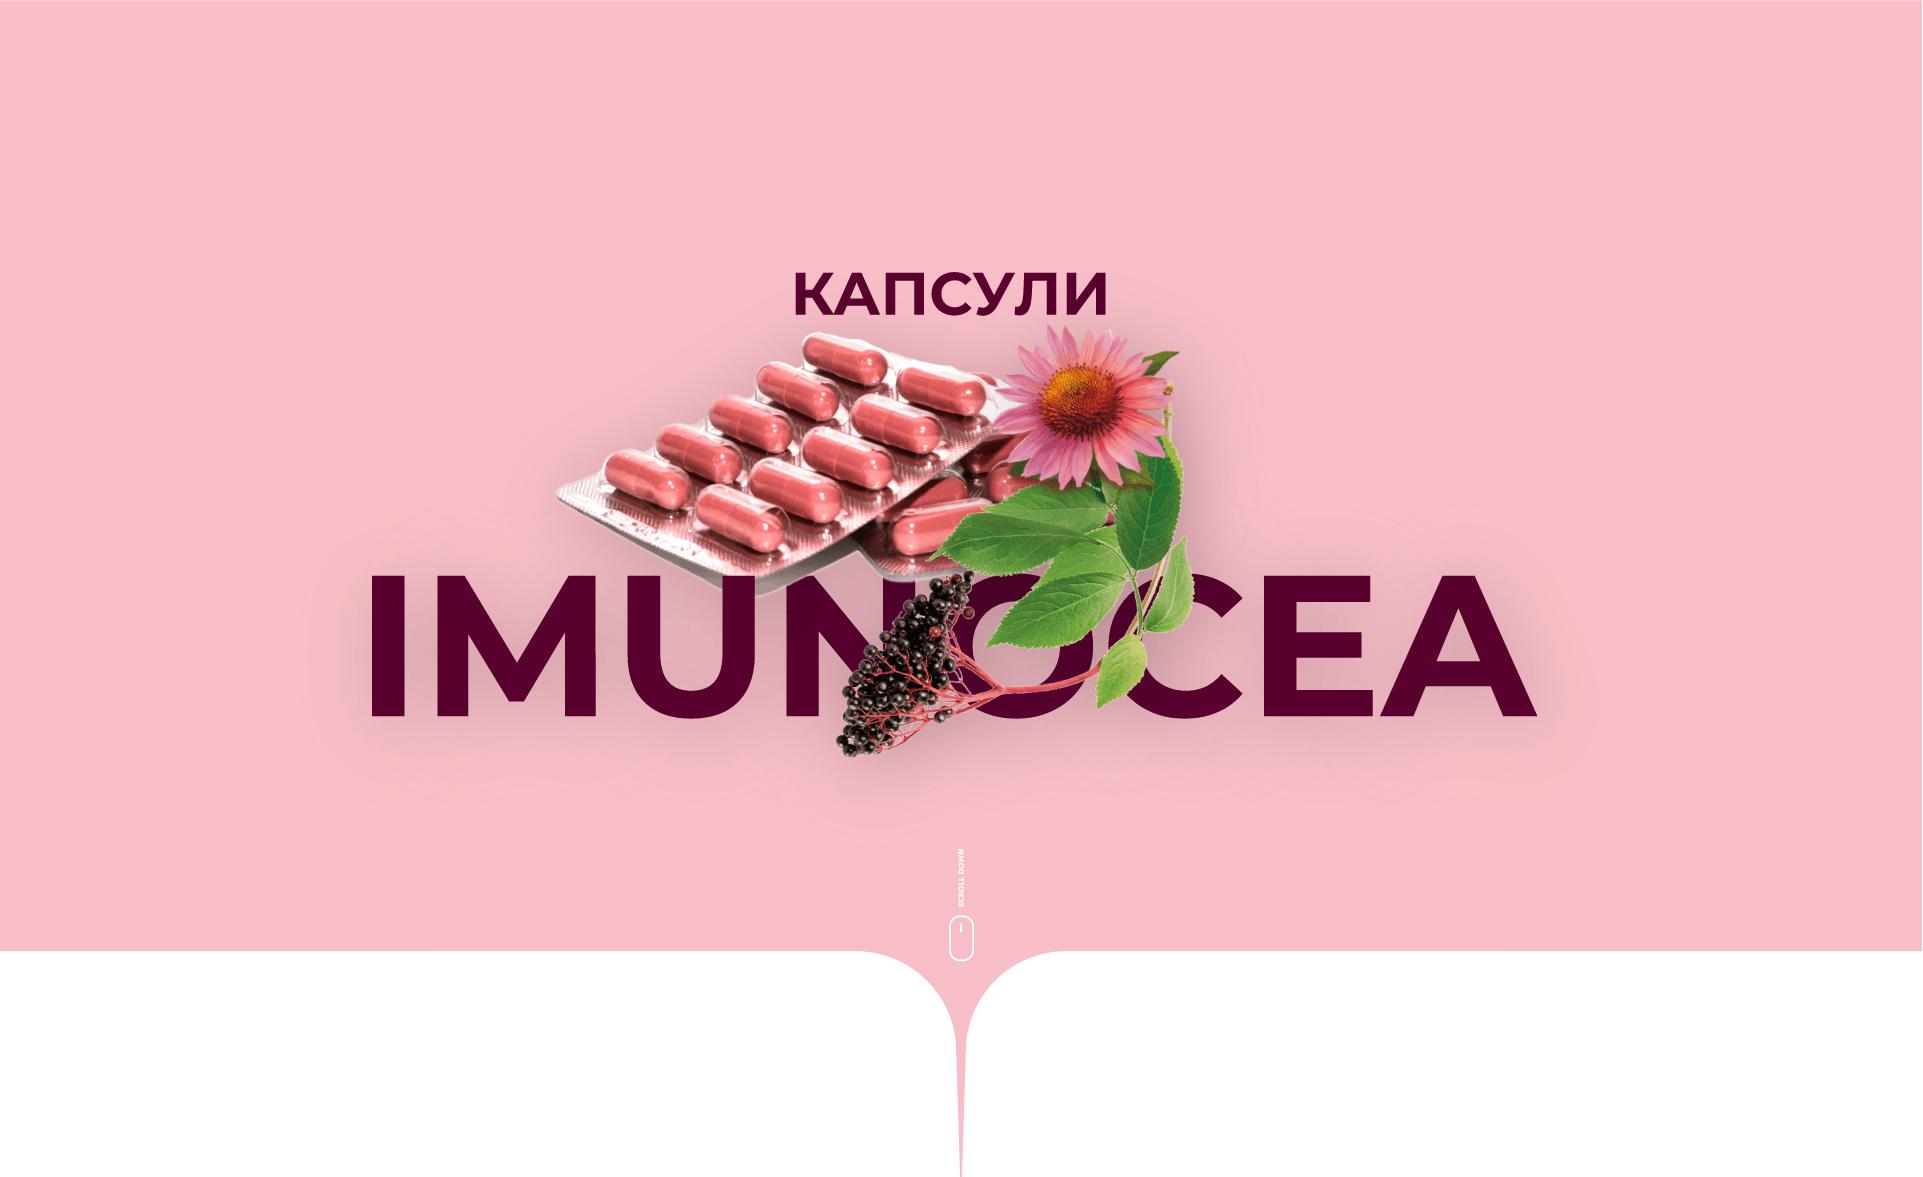 Imunocea-capsules